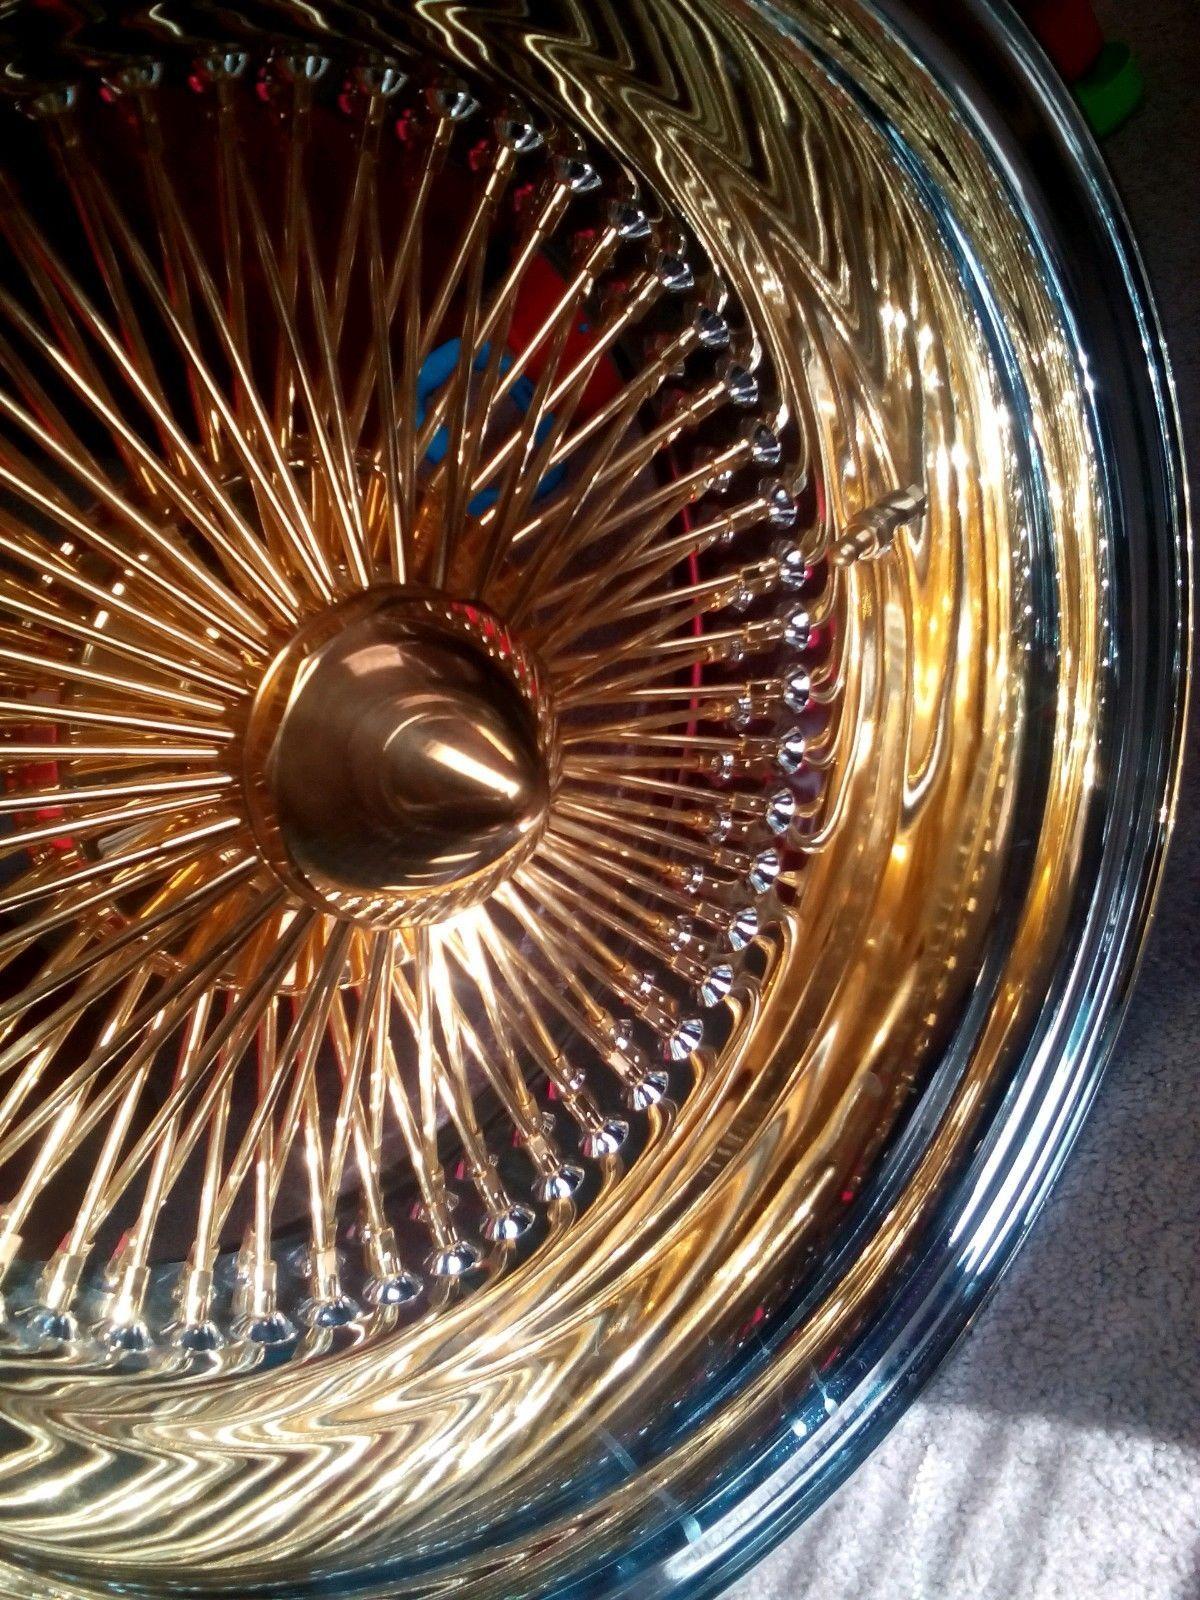 Lowrider rims 4 sale - Dayton Wire Wheels Gold Center Nos